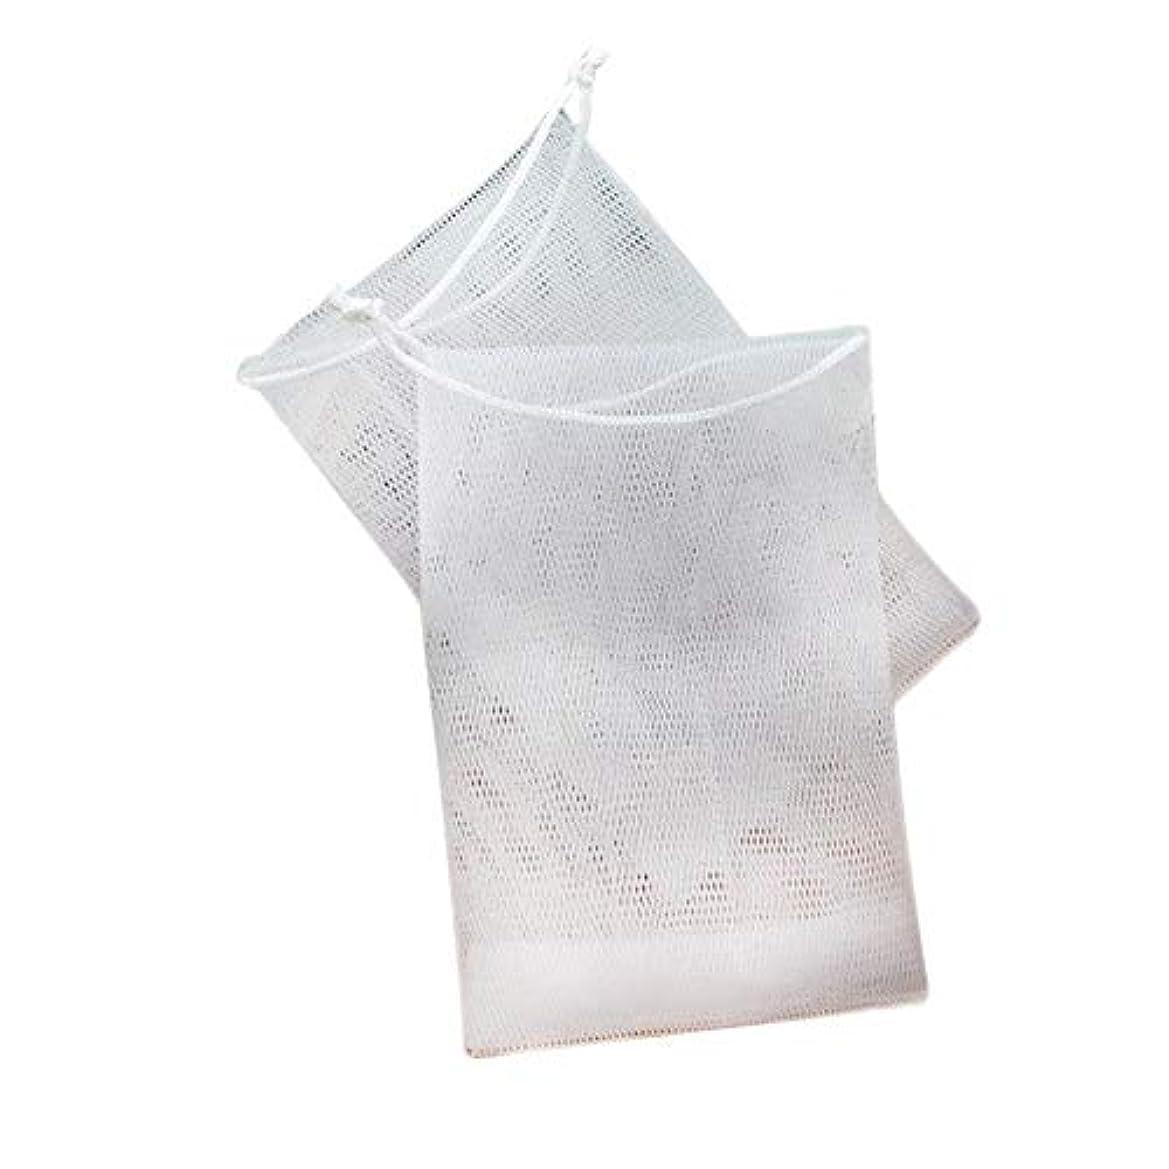 駐地受信赤面石鹸の袋の網のドローストリング袋は ハンドメイドの石鹸の泡泡ネットメーカーのために掛けることができます 12×9cm